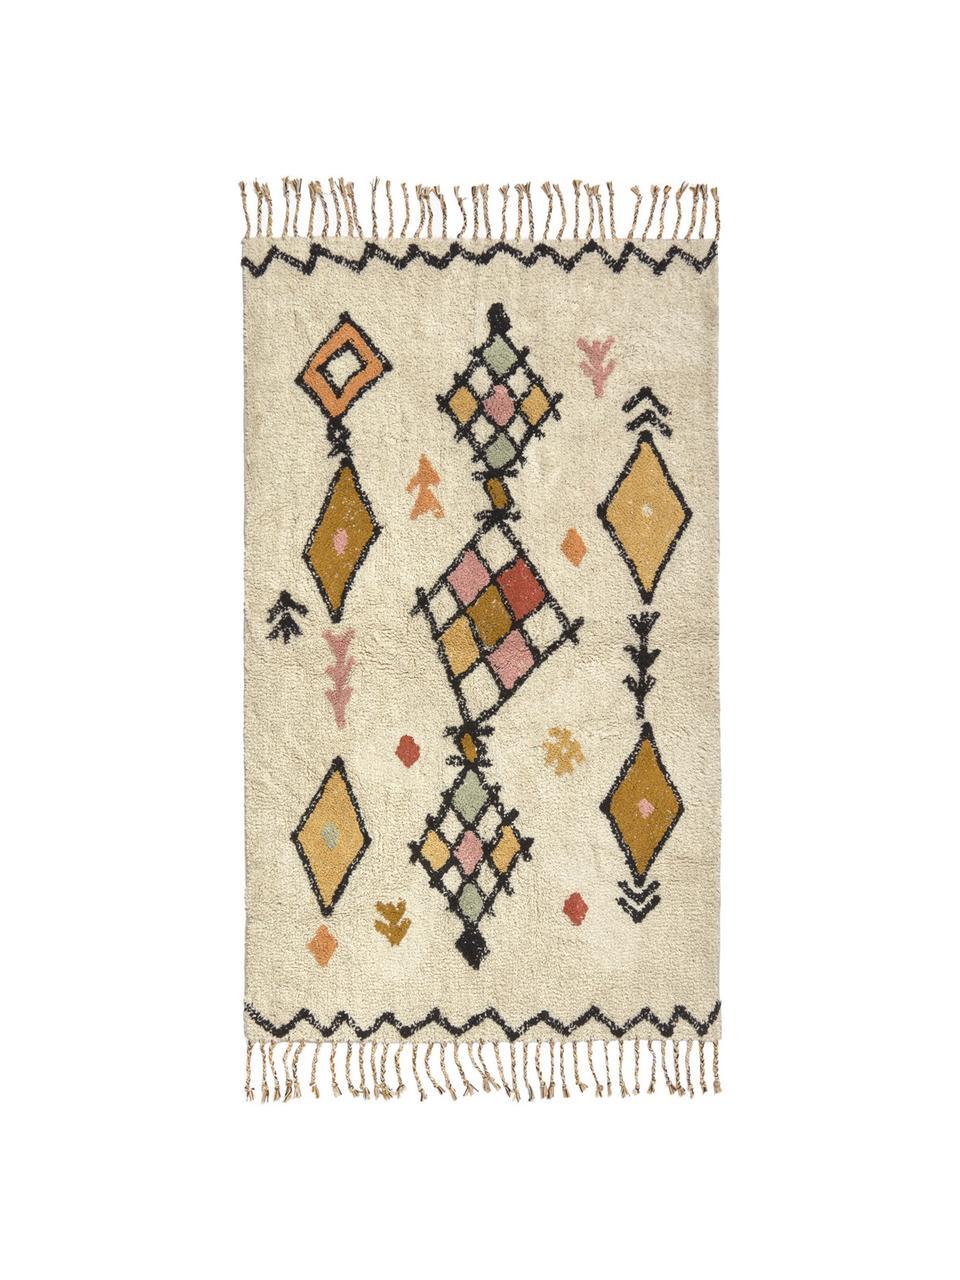 Teppich Bereber mit Ethno-Muster und Fransen, 100% Baumwolle, Cremefarben, Mehrfarbig, B 90 x L 150 cm (Größe XS)